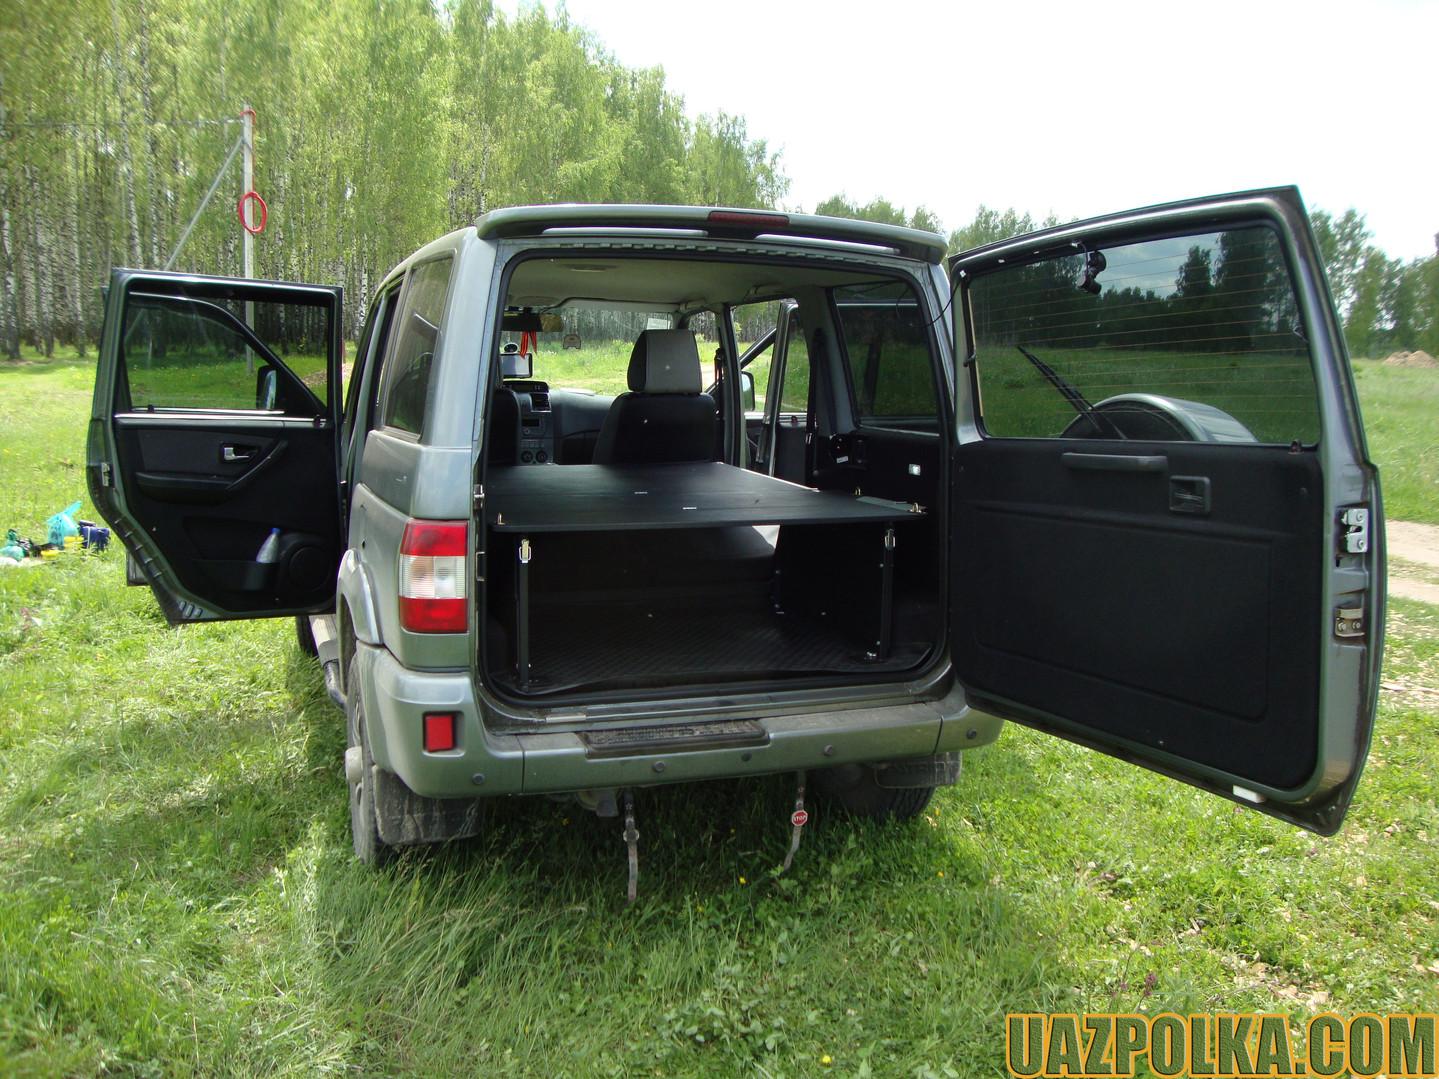 УАЗ Патриот с лежанкой_21.JPG